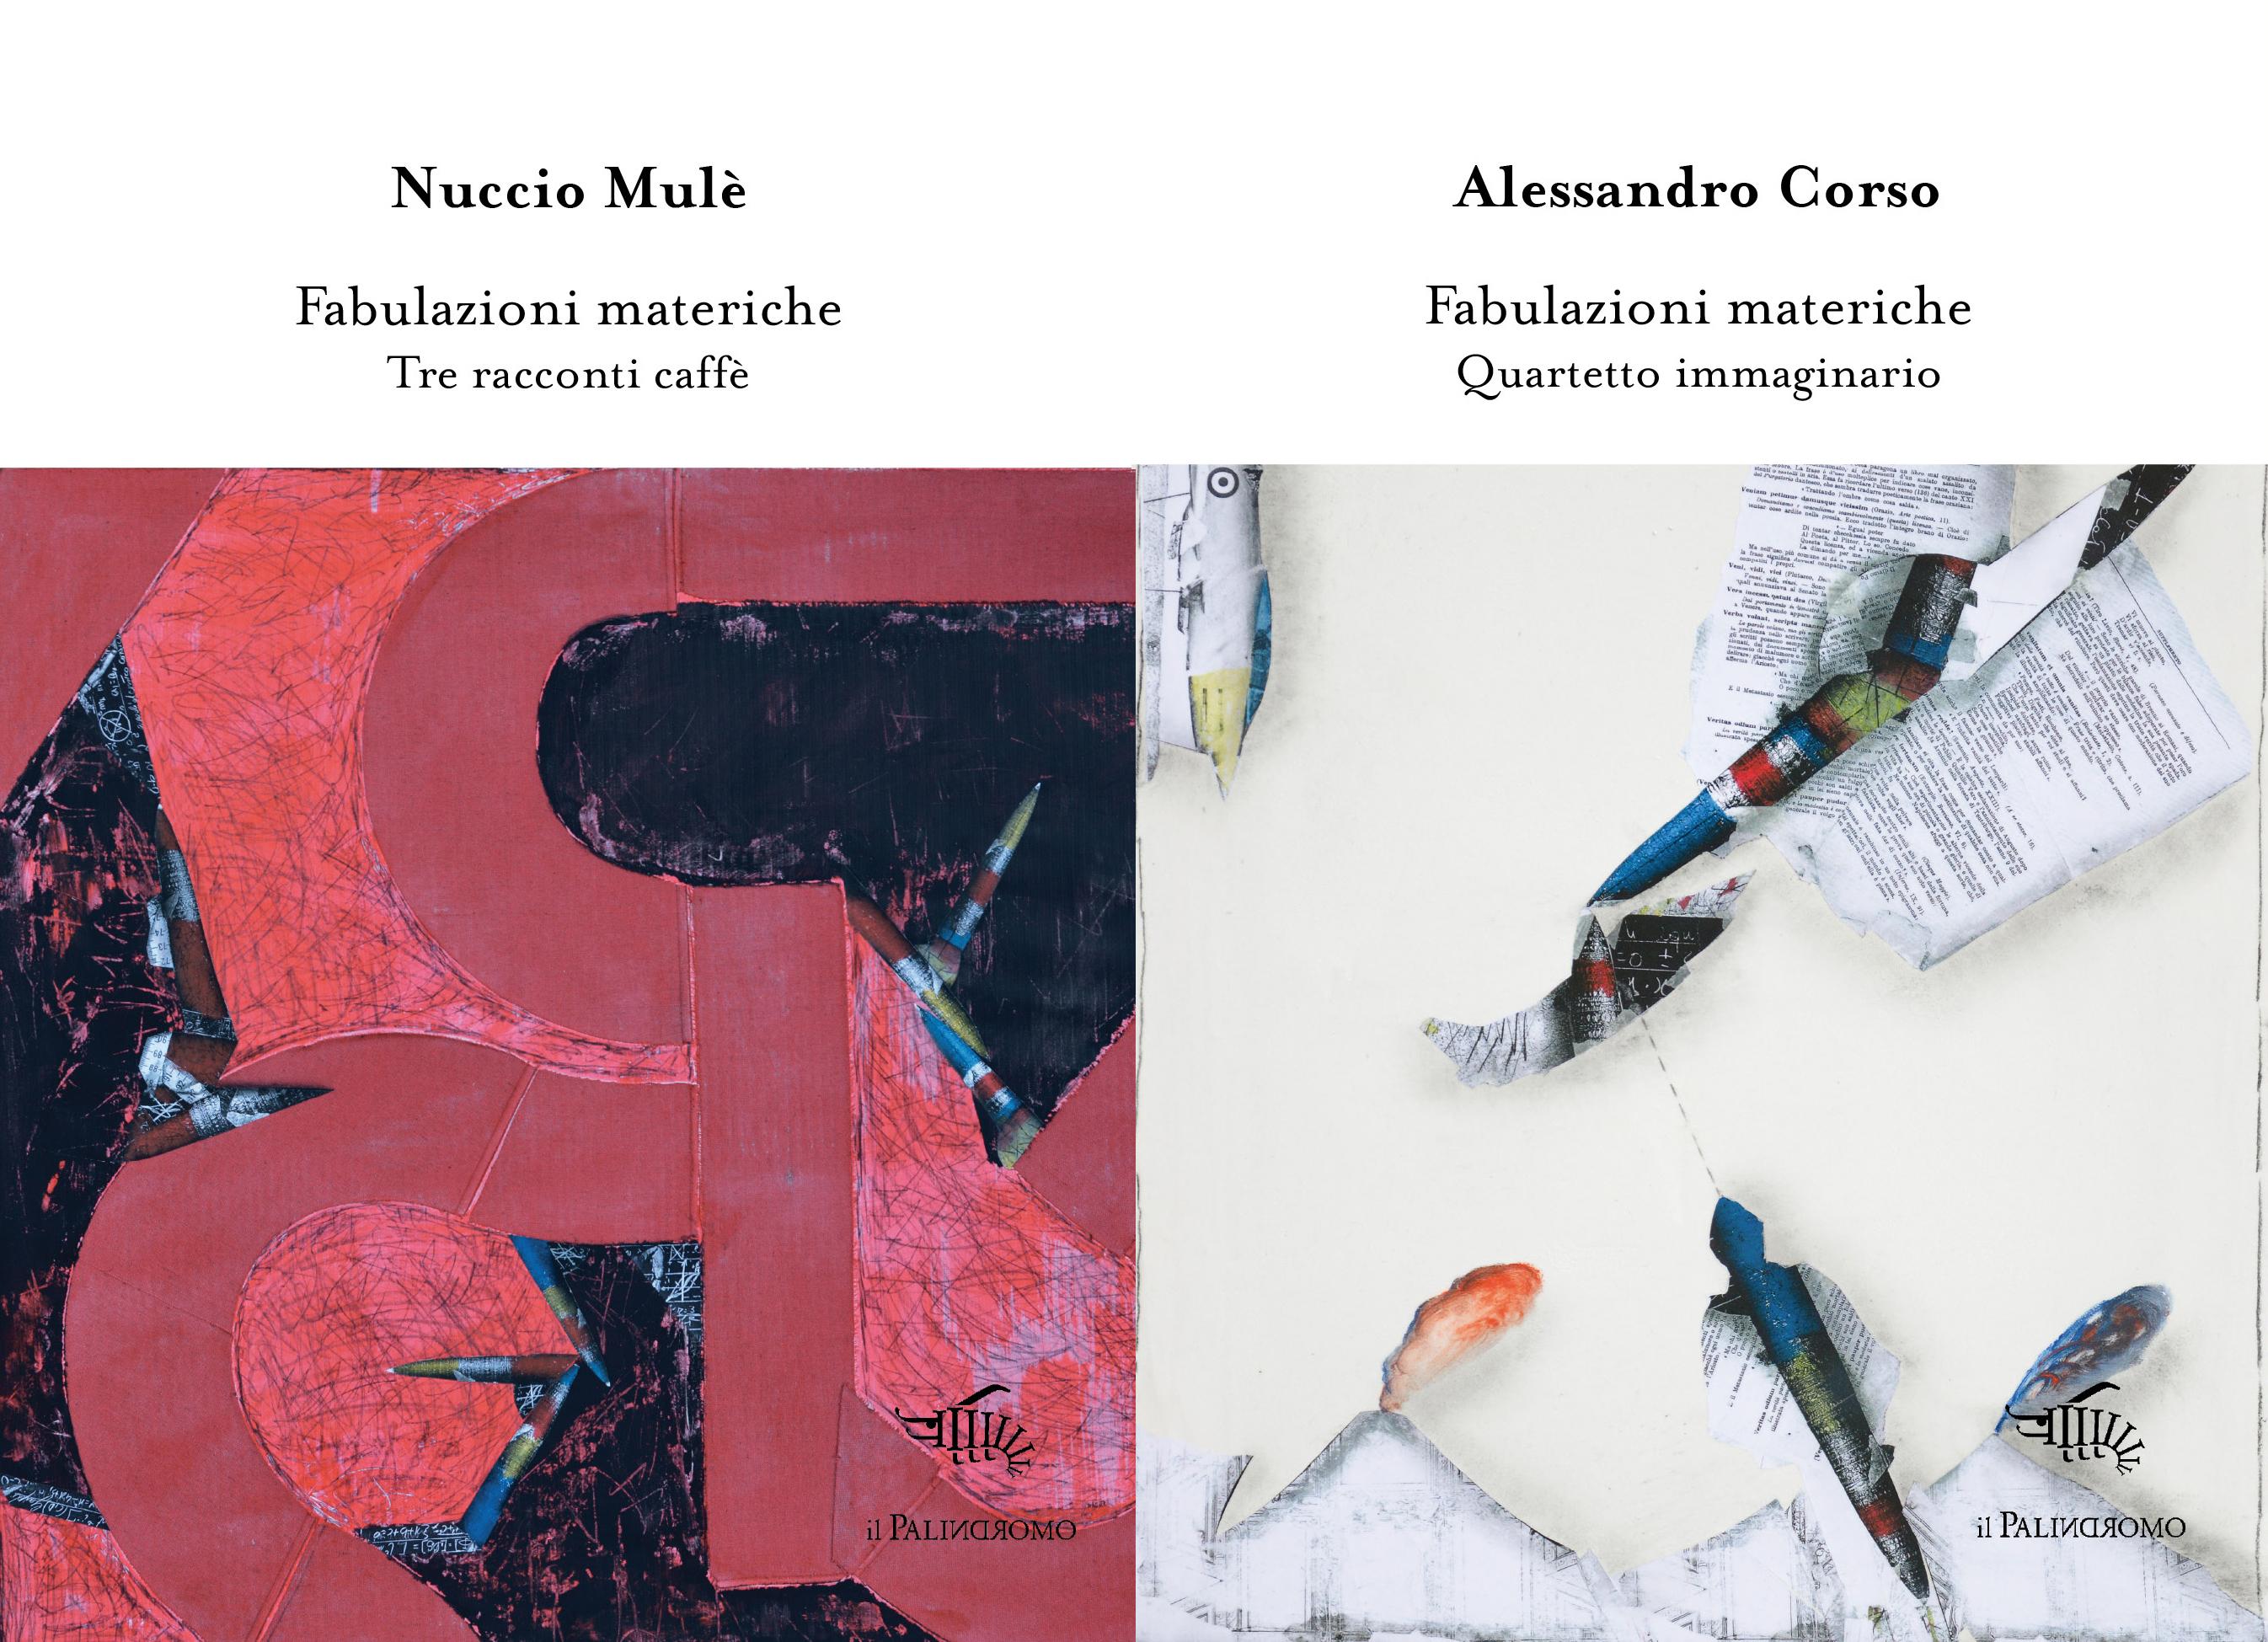 Autori: Nuccio Mulè e Alessandro Corso